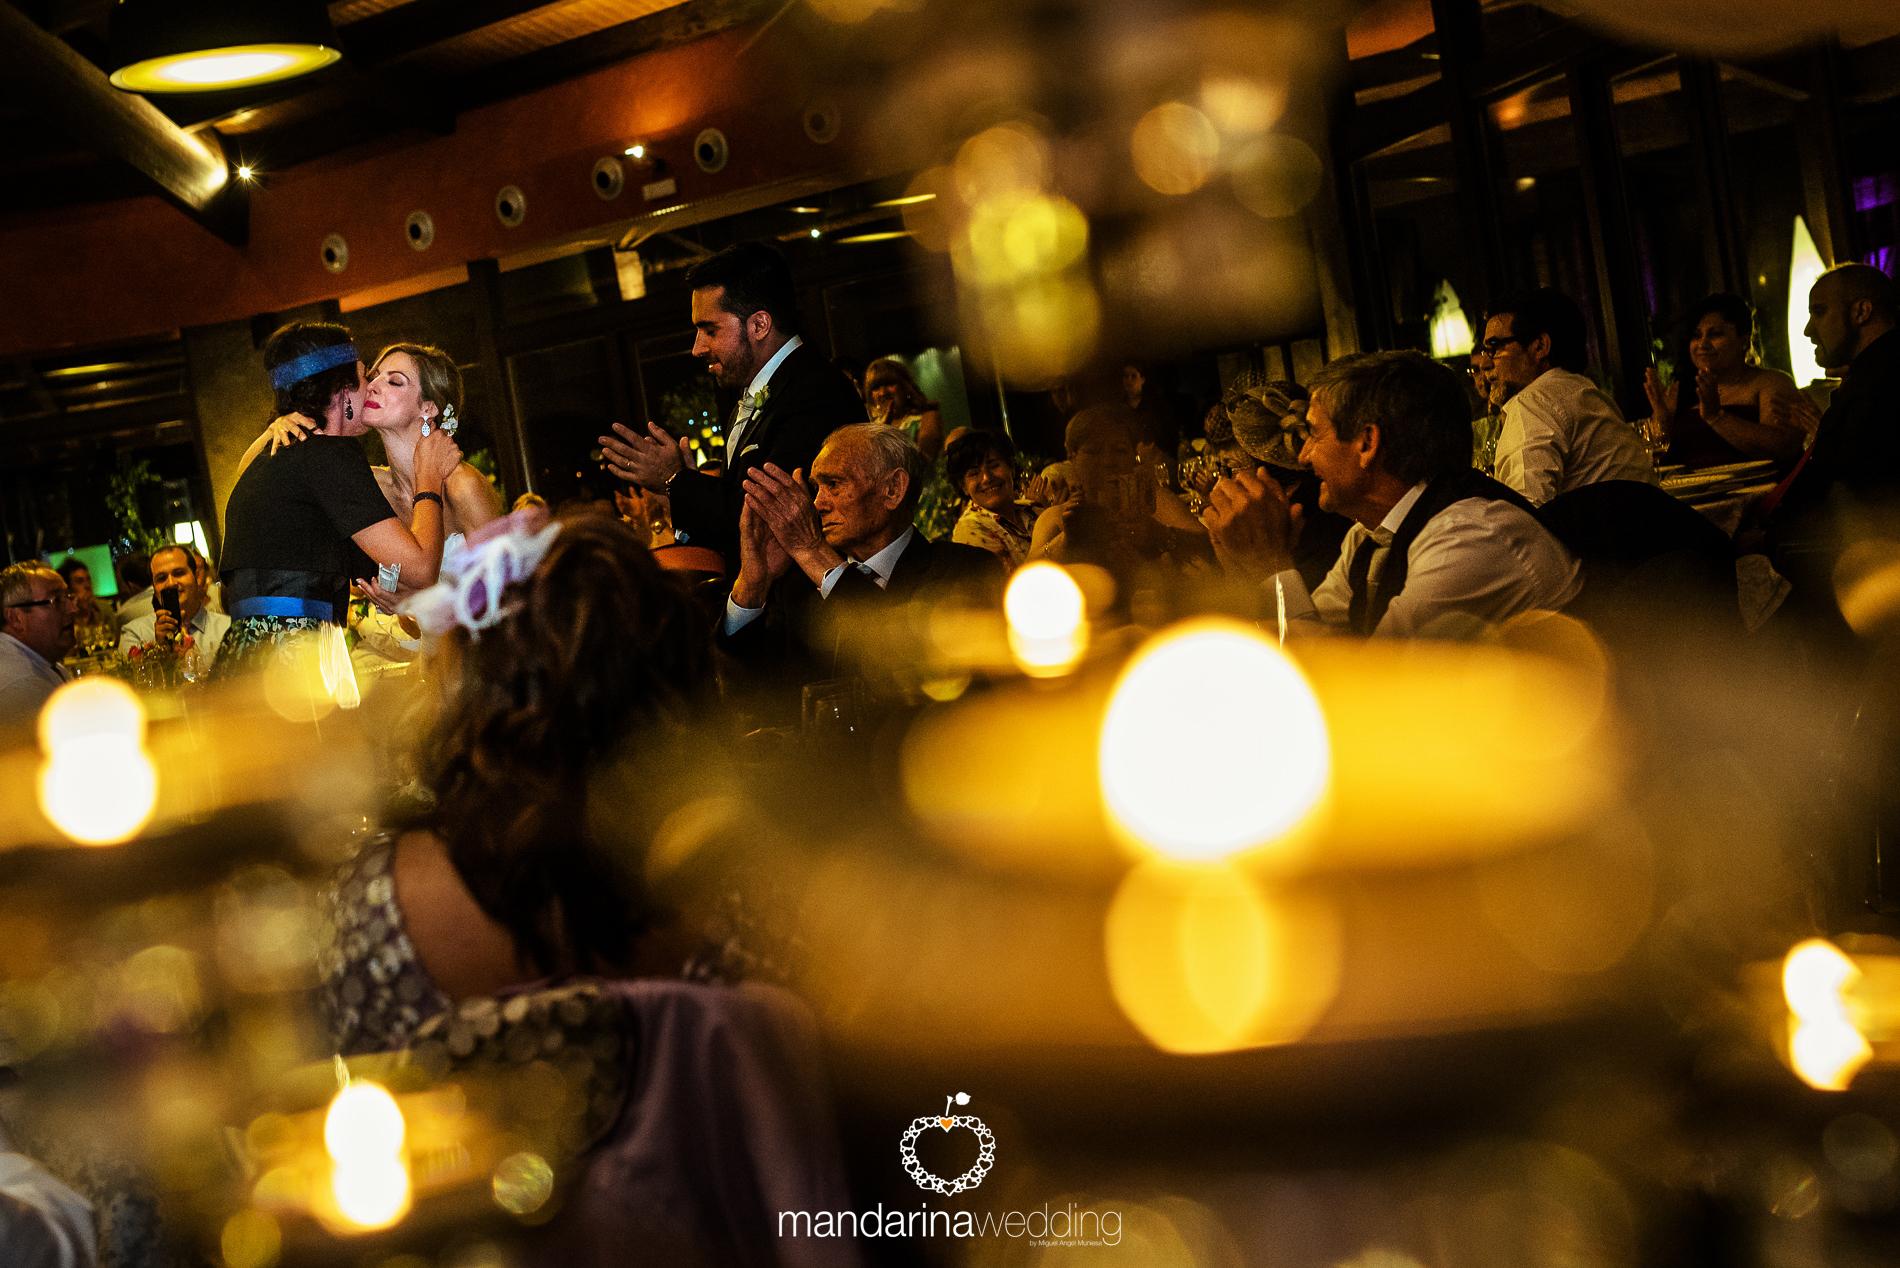 mandarina wedding_32